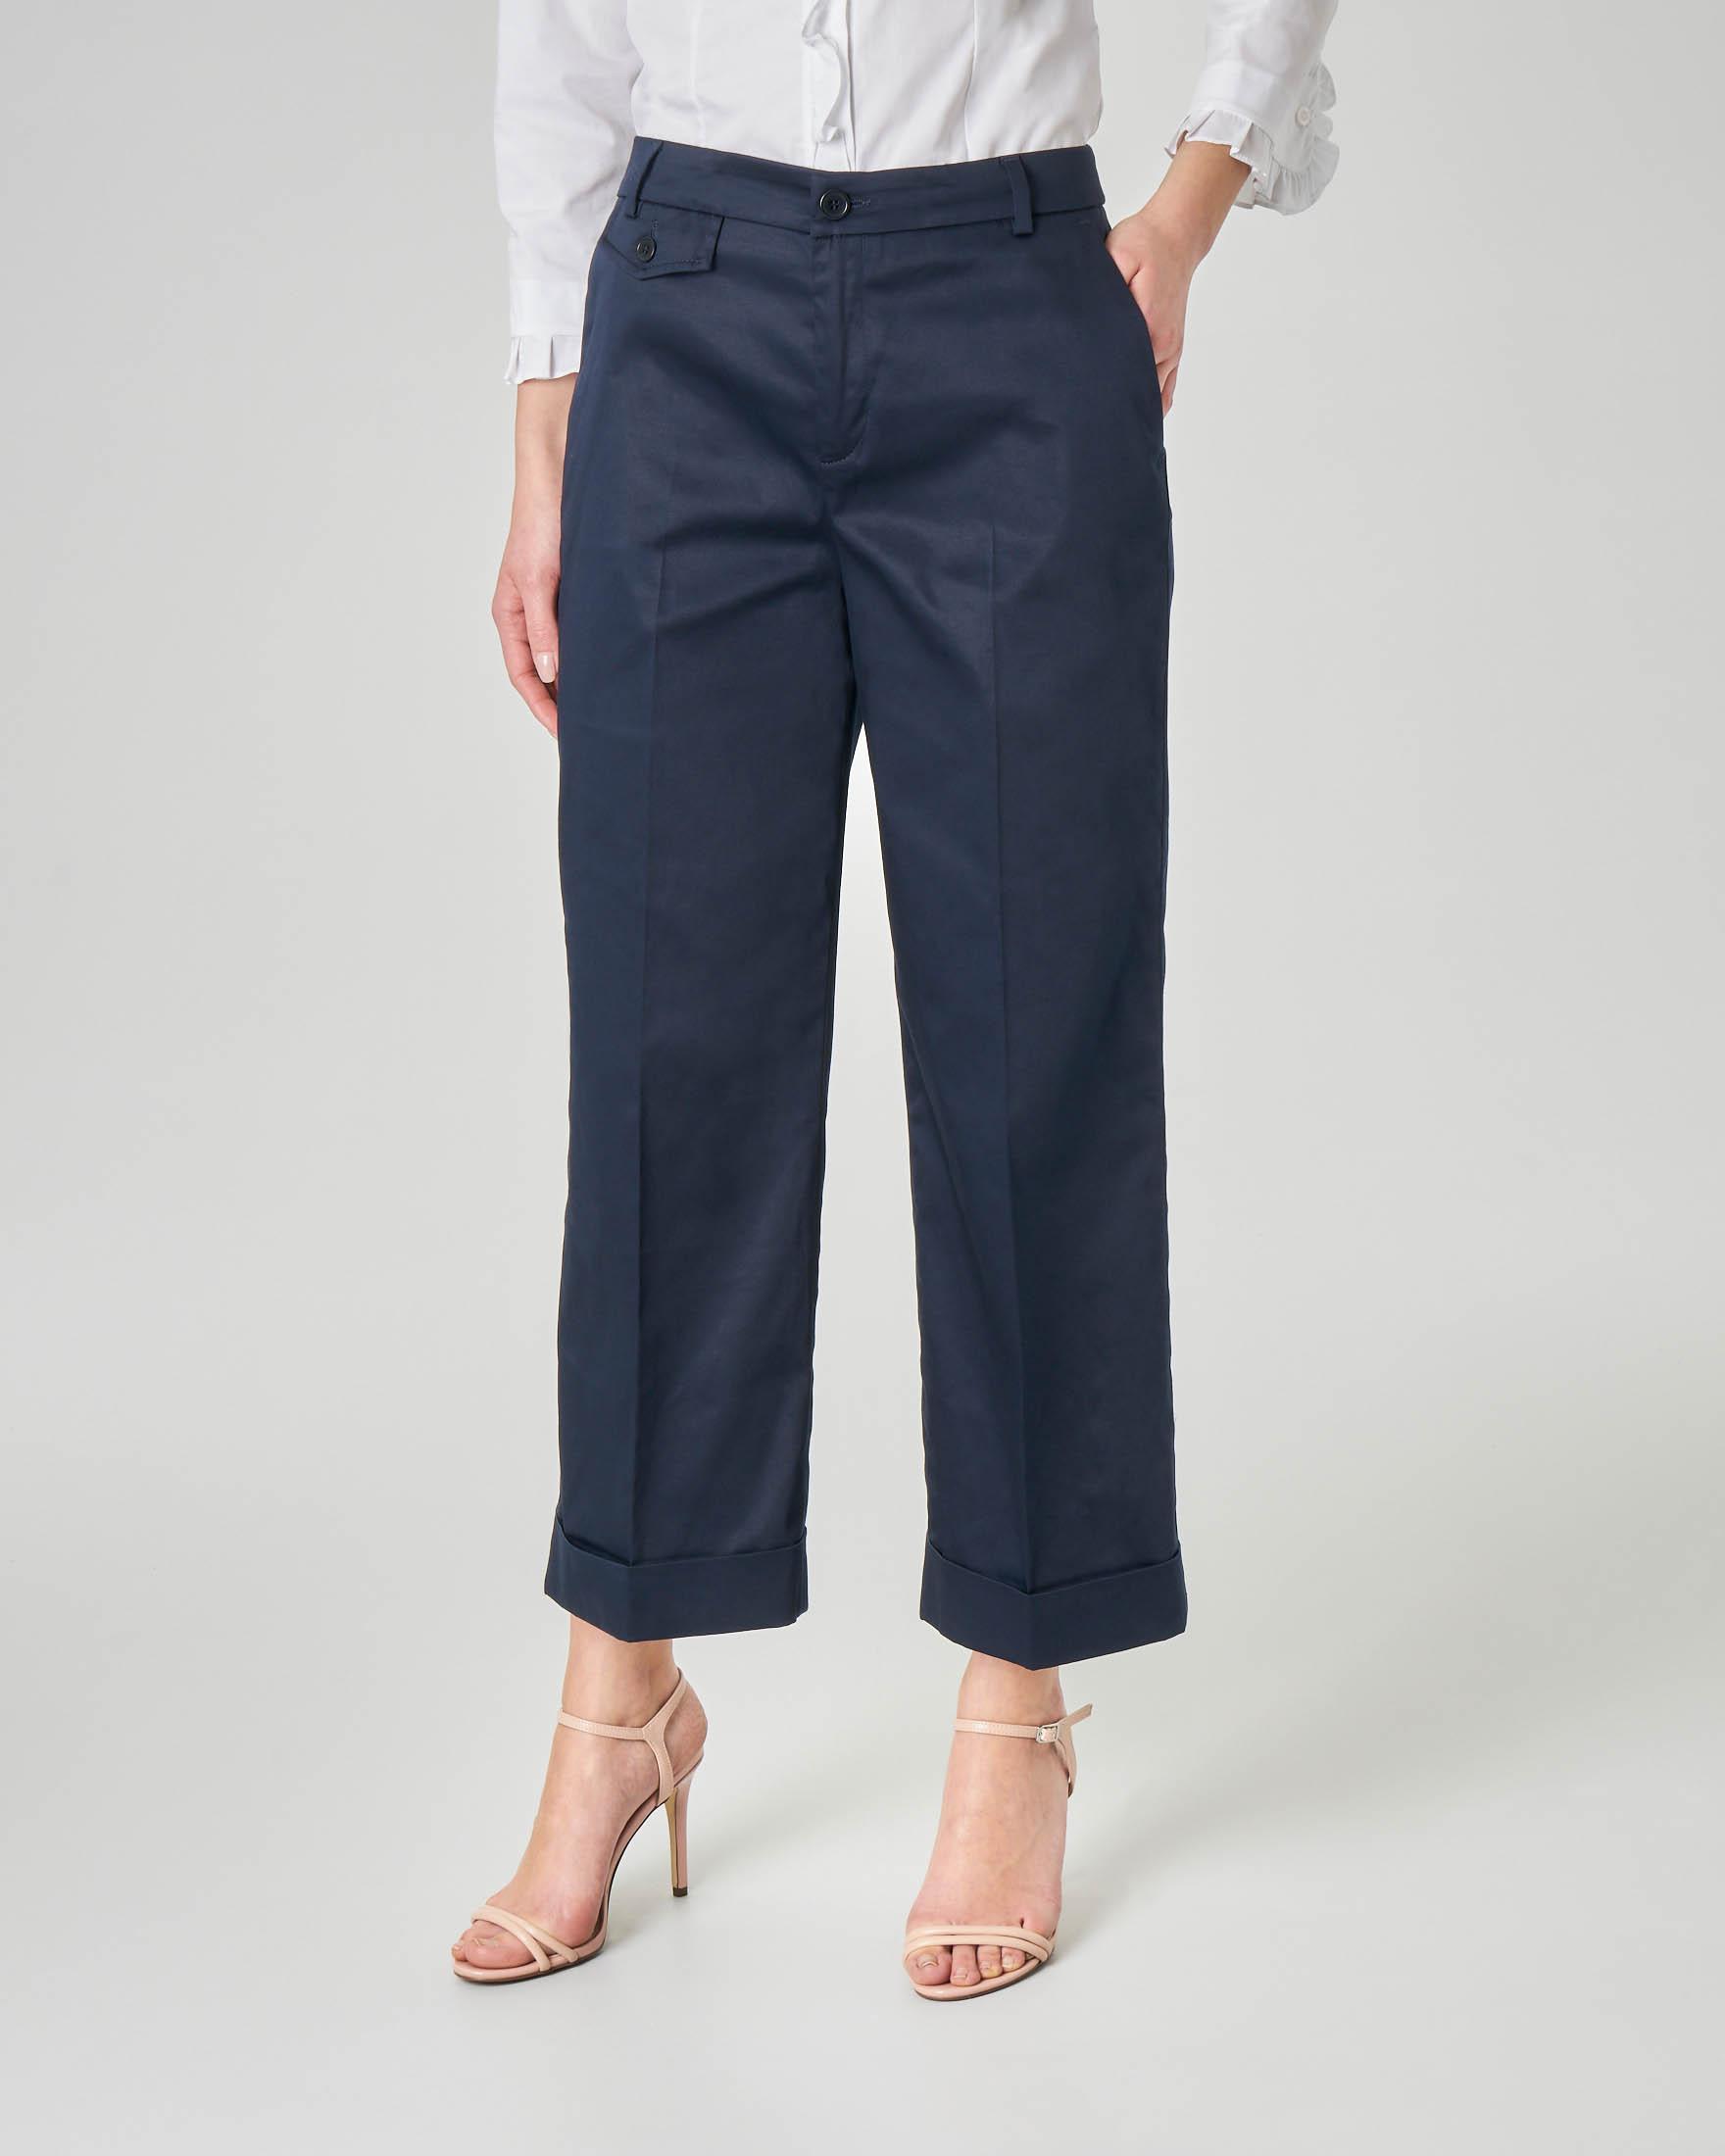 Pantaloni culotte in cotone elasticizzato blu con risvolto